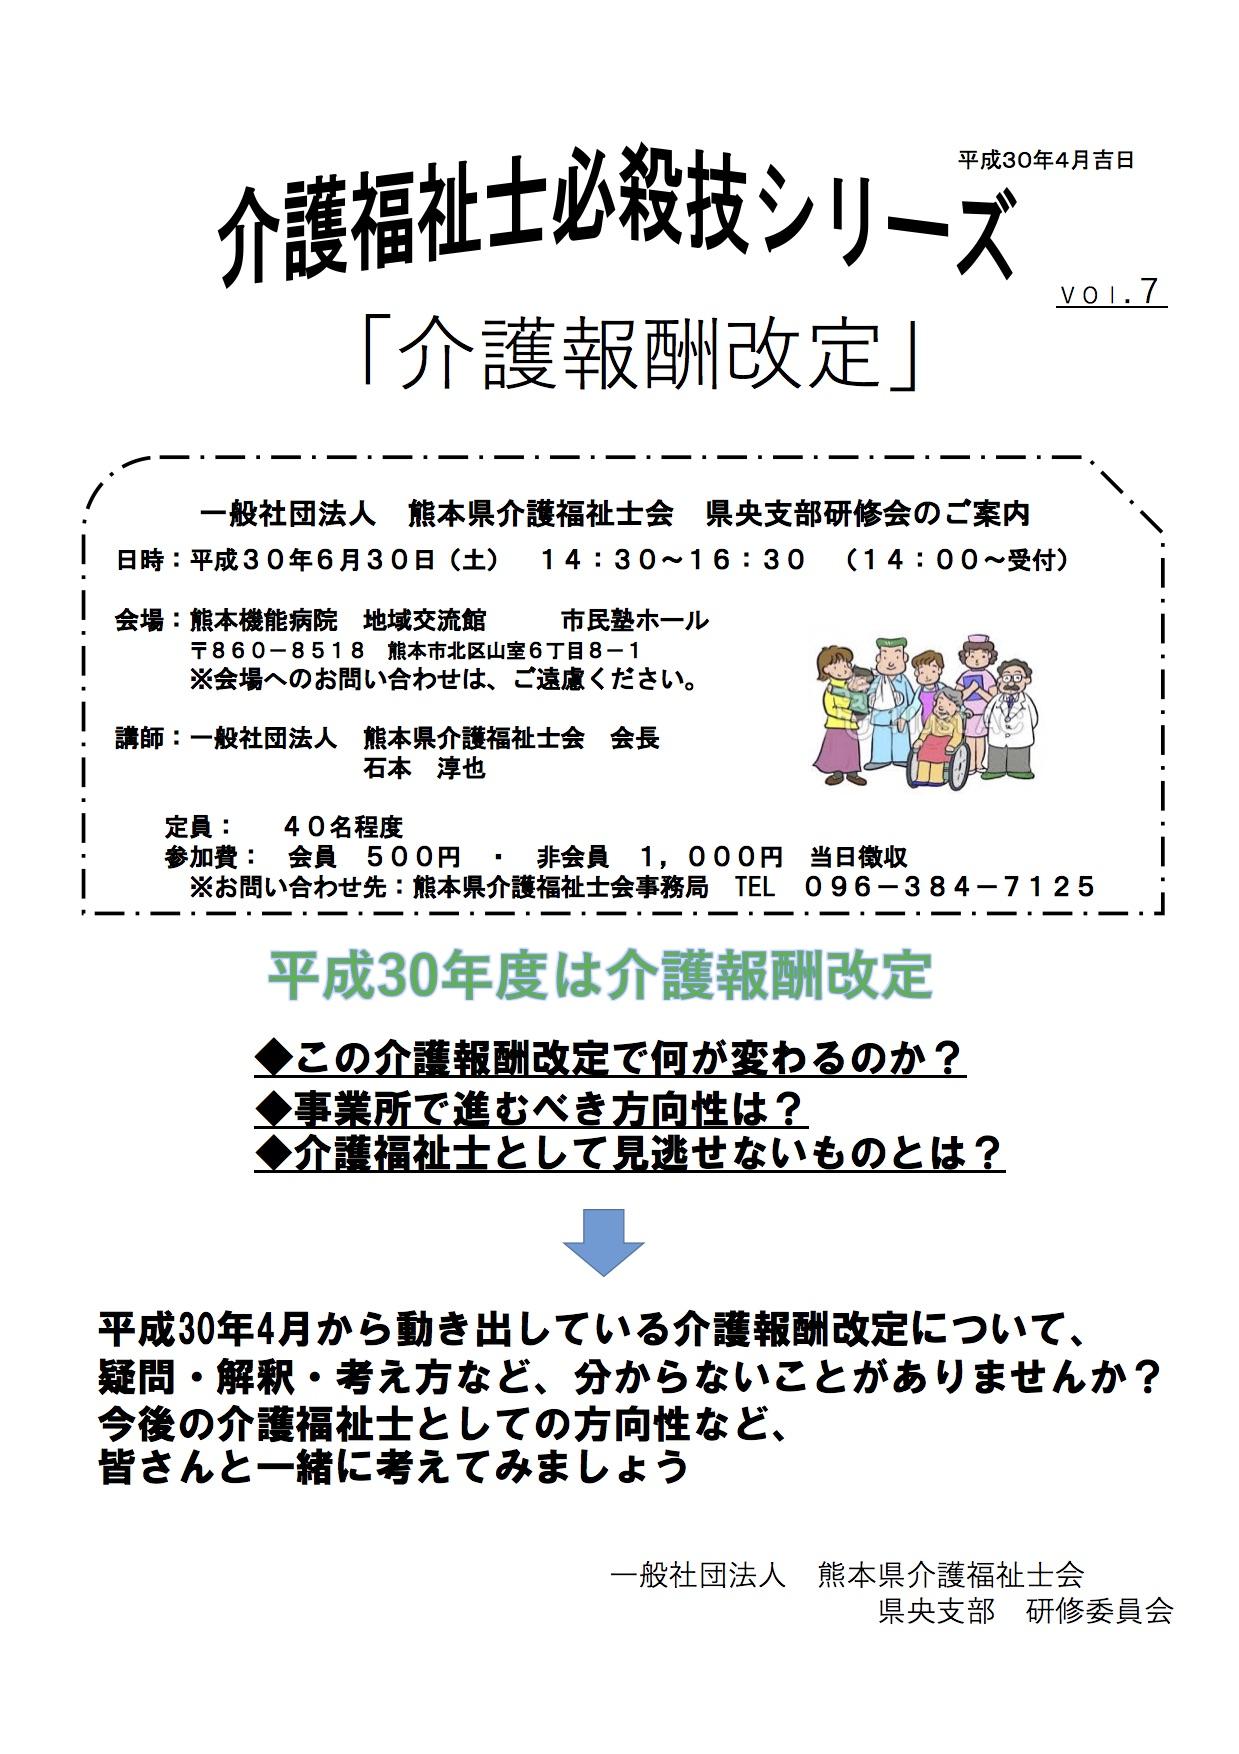 介護福祉士必殺技シリーズ「介護報酬改定」